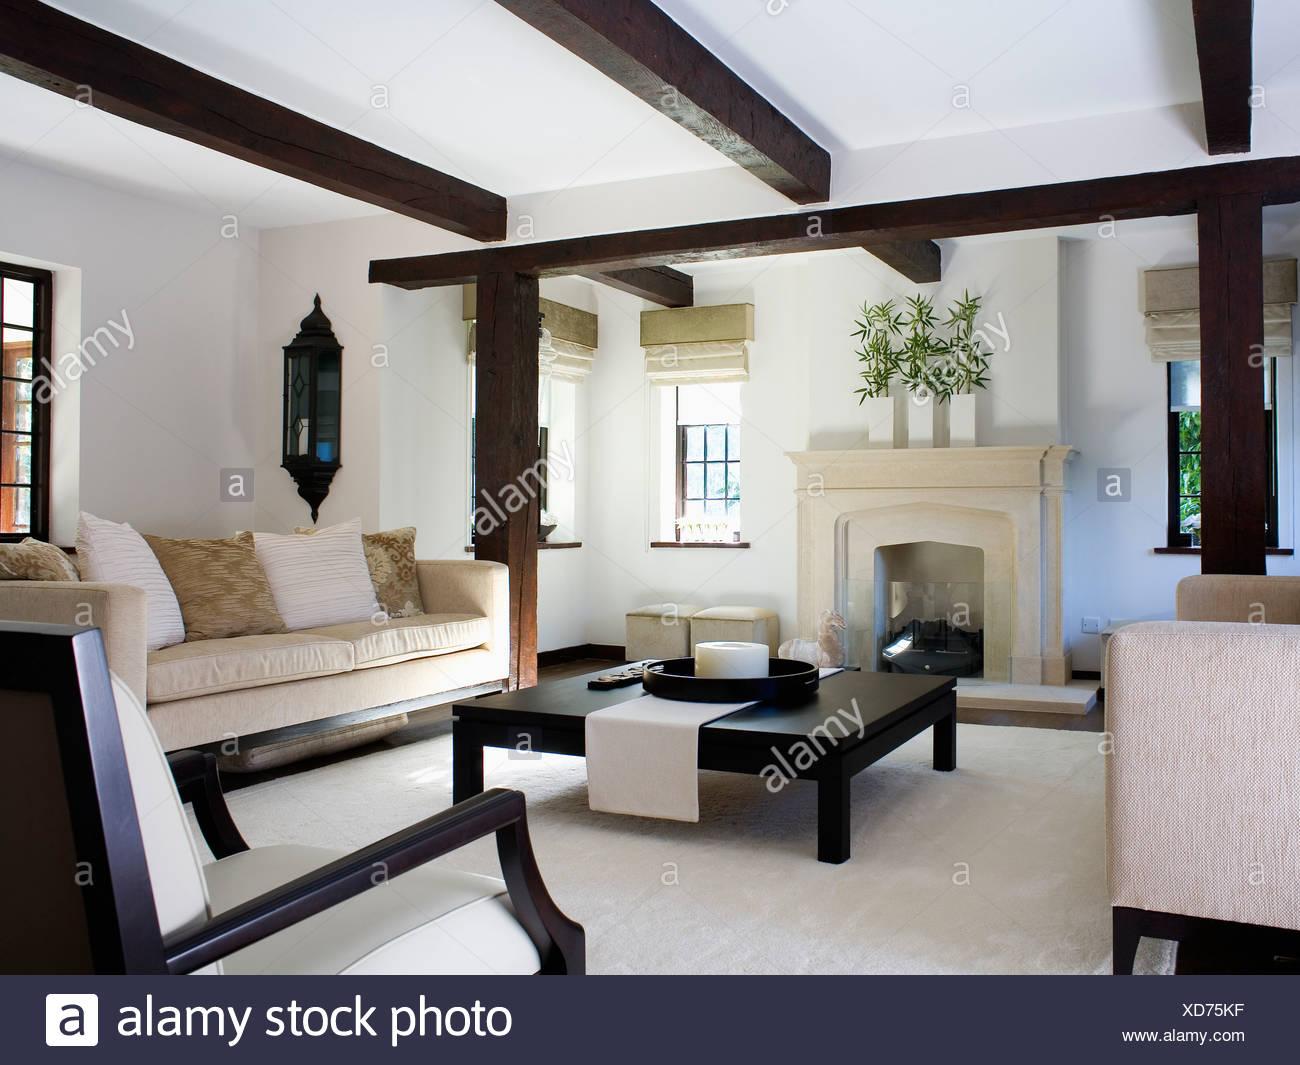 Camino Bianco In Pietra : Divano beige e gran caffè nero tavola in bianco moderno cottage